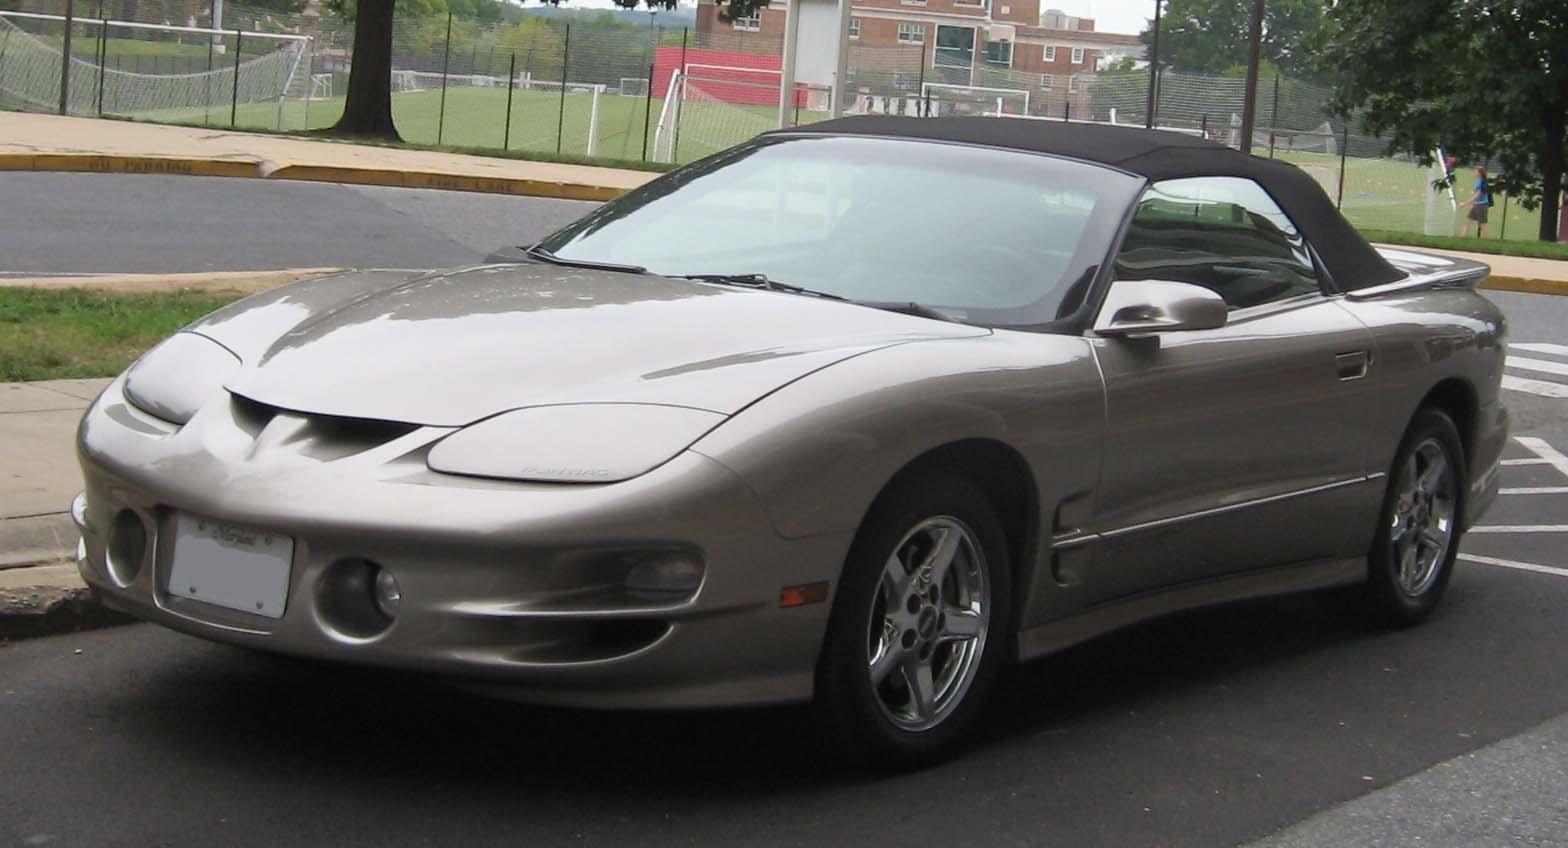 2002 pontiac firebird base 2dr hatchback 3 8l v6 manual rh carspecs us 1996 Pontiac Firebird 1997 Pontiac Firebird